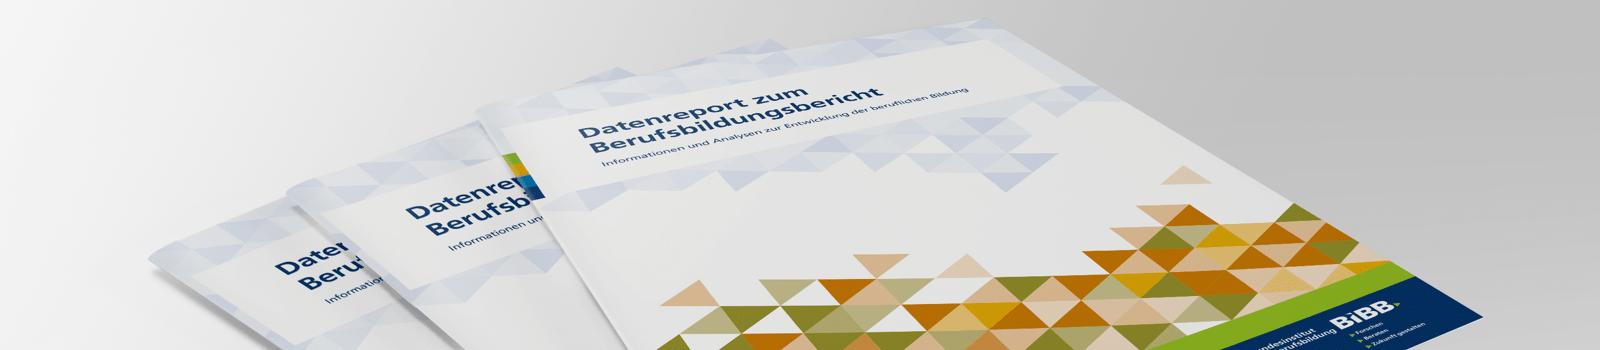 Datenreport zum Berufsbildungsbericht